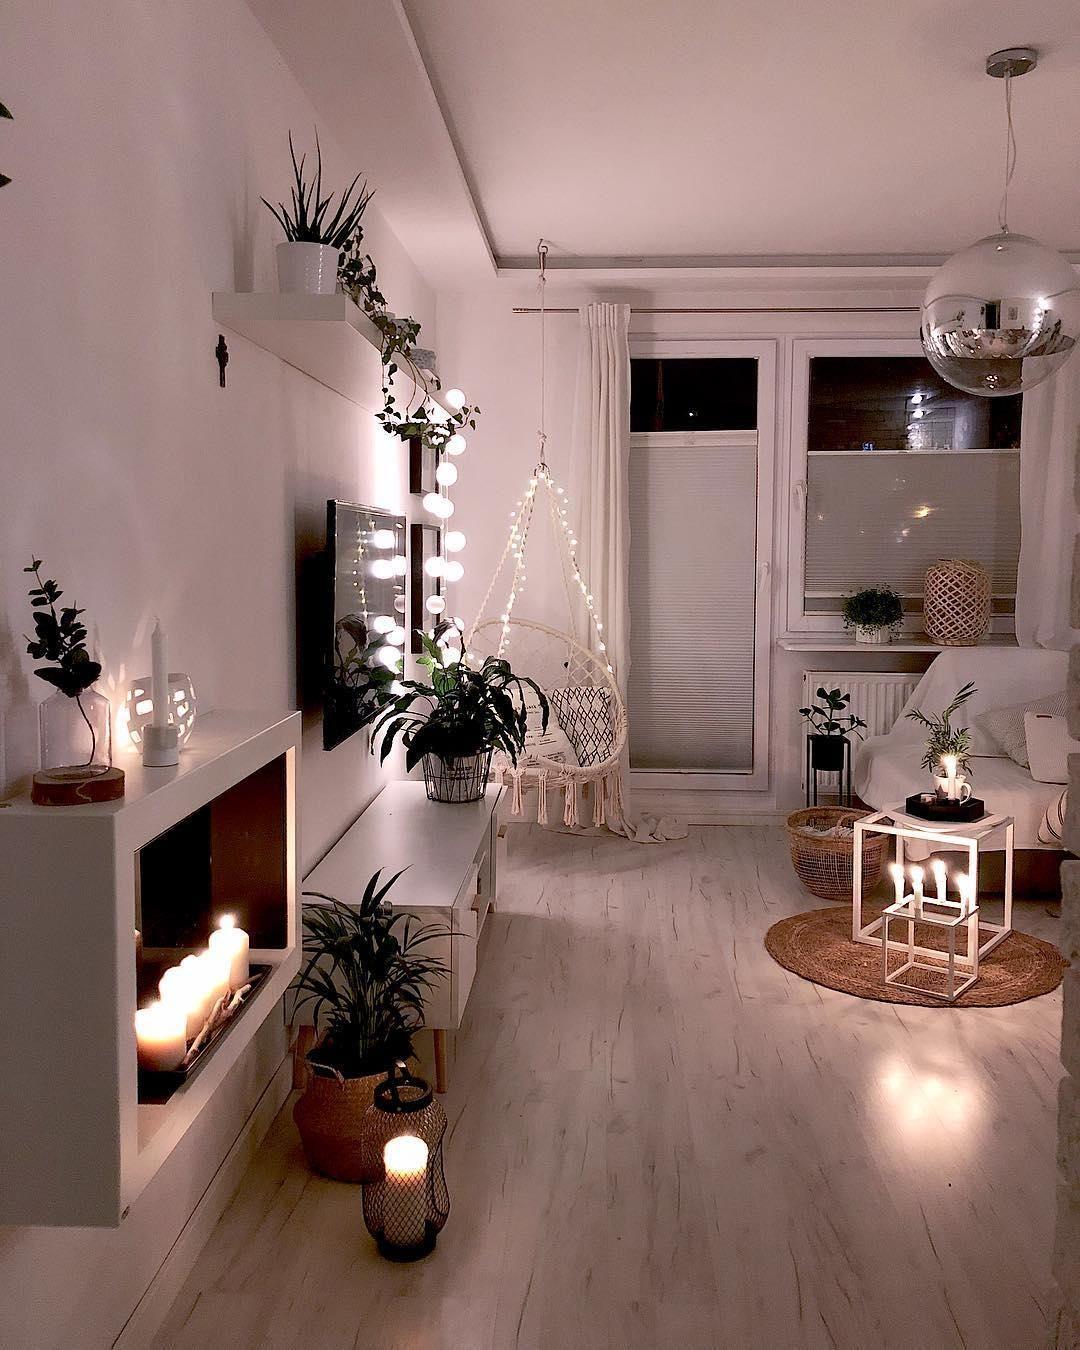 Upgrade für Dein Zuhause. Lichterketten sehen nicht nur super atmosphärisch au... - Deko Wohnung #tumblrrooms